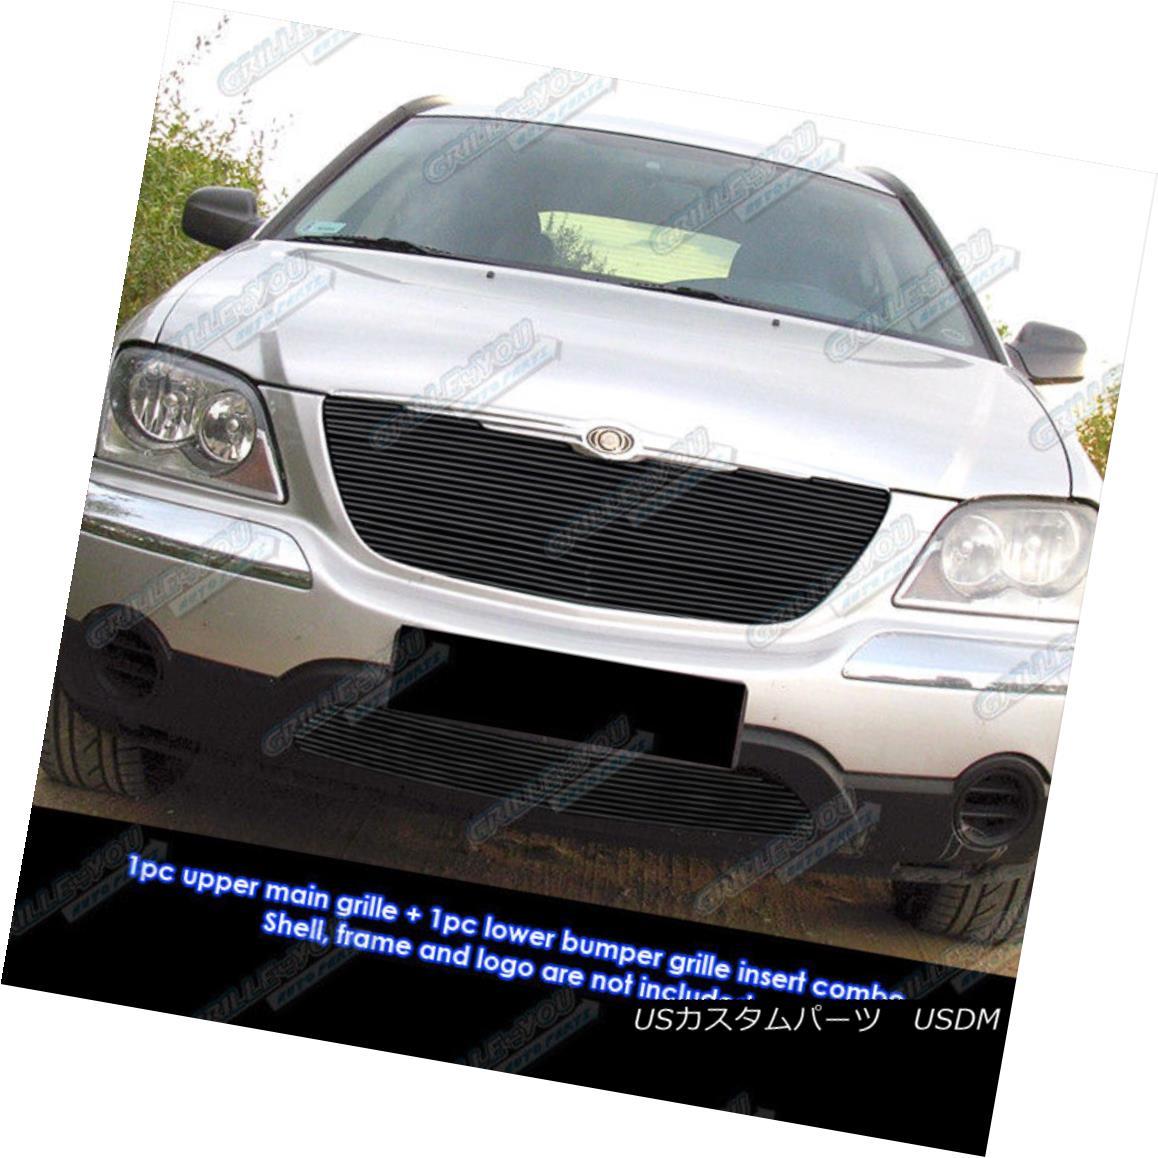 グリル Fits 2004-2006 Chrysler Pacifica Black Billet Grille Combo フィット2004-2006クライスラーパシフィカブラックビレットグリルコンボ